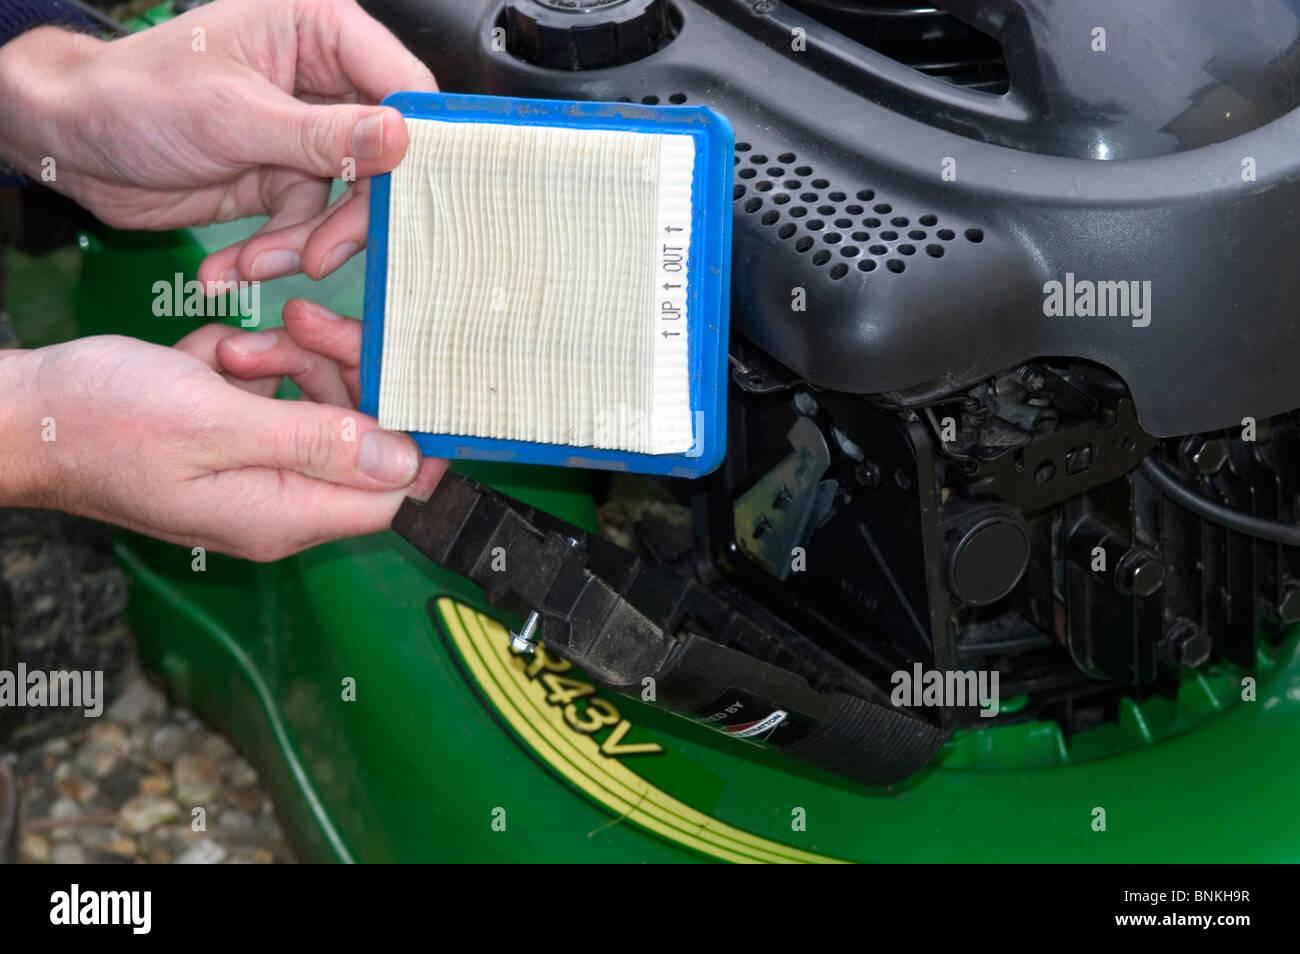 Air Filter Stock Photos & Air Filter Stock Images - Alamy